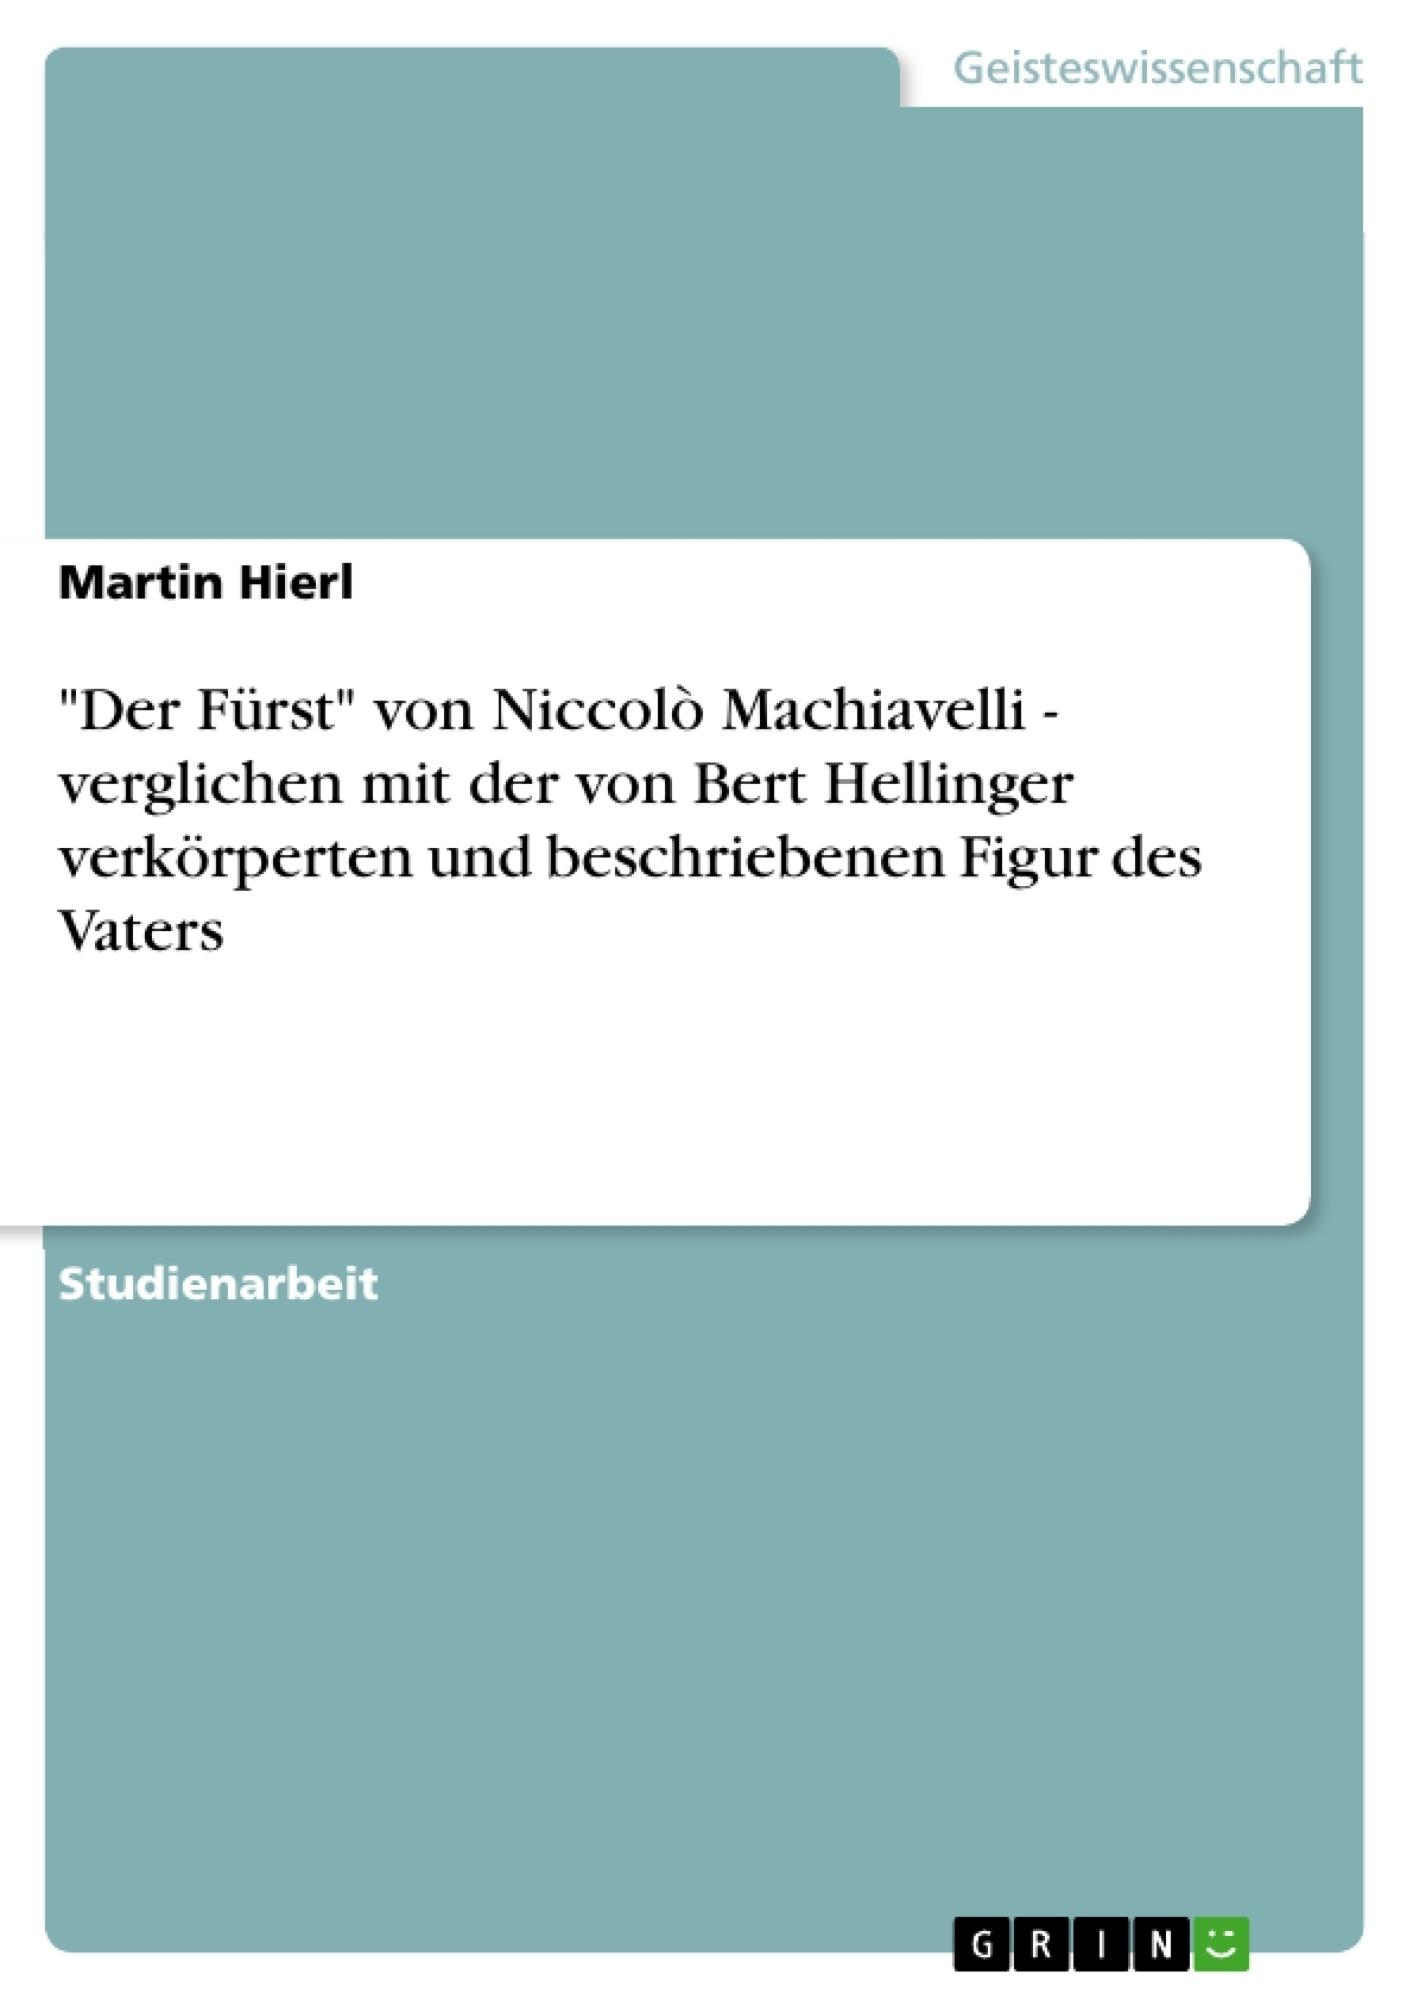 """Titel: """"Der Fürst"""" von Niccolò Machiavelli - verglichen mit der von Bert Hellinger verkörperten und beschriebenen Figur des Vaters"""